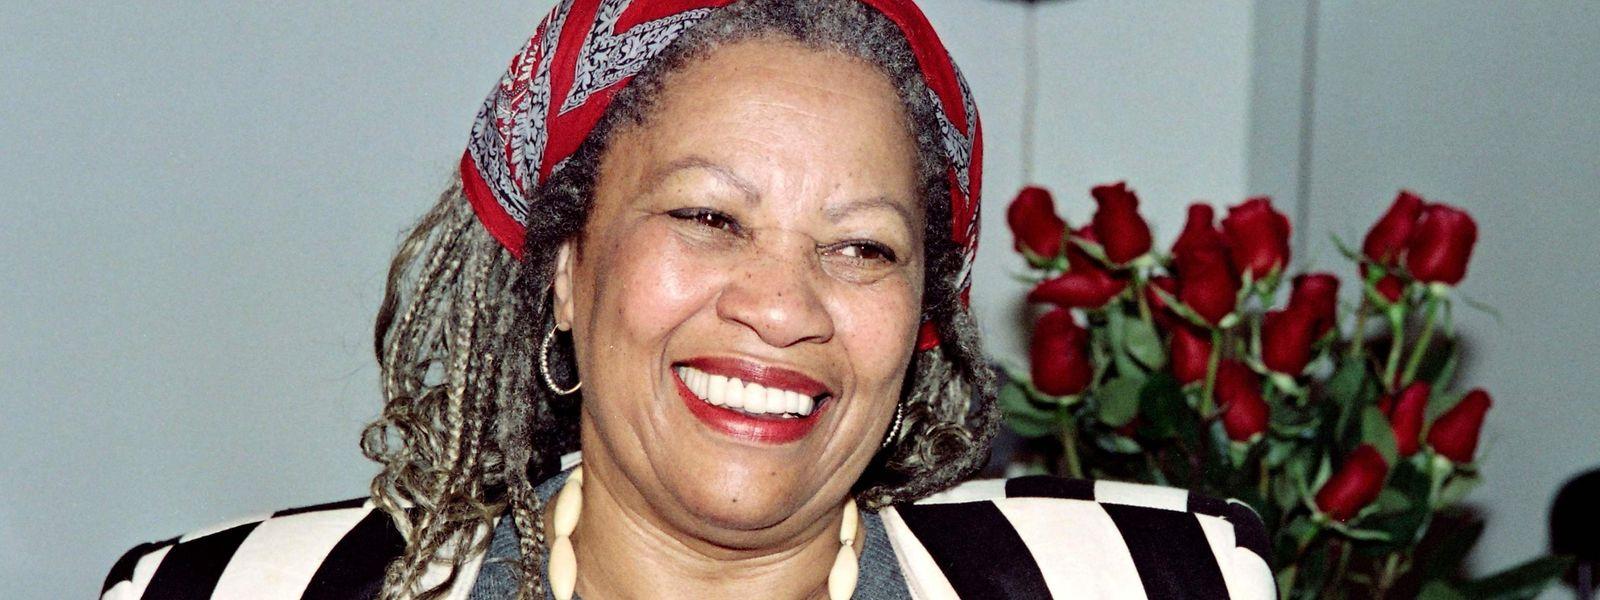 Toni Morrison a écrit 11 romans et des dizaines d'autres ouvrages au succès planétaire.